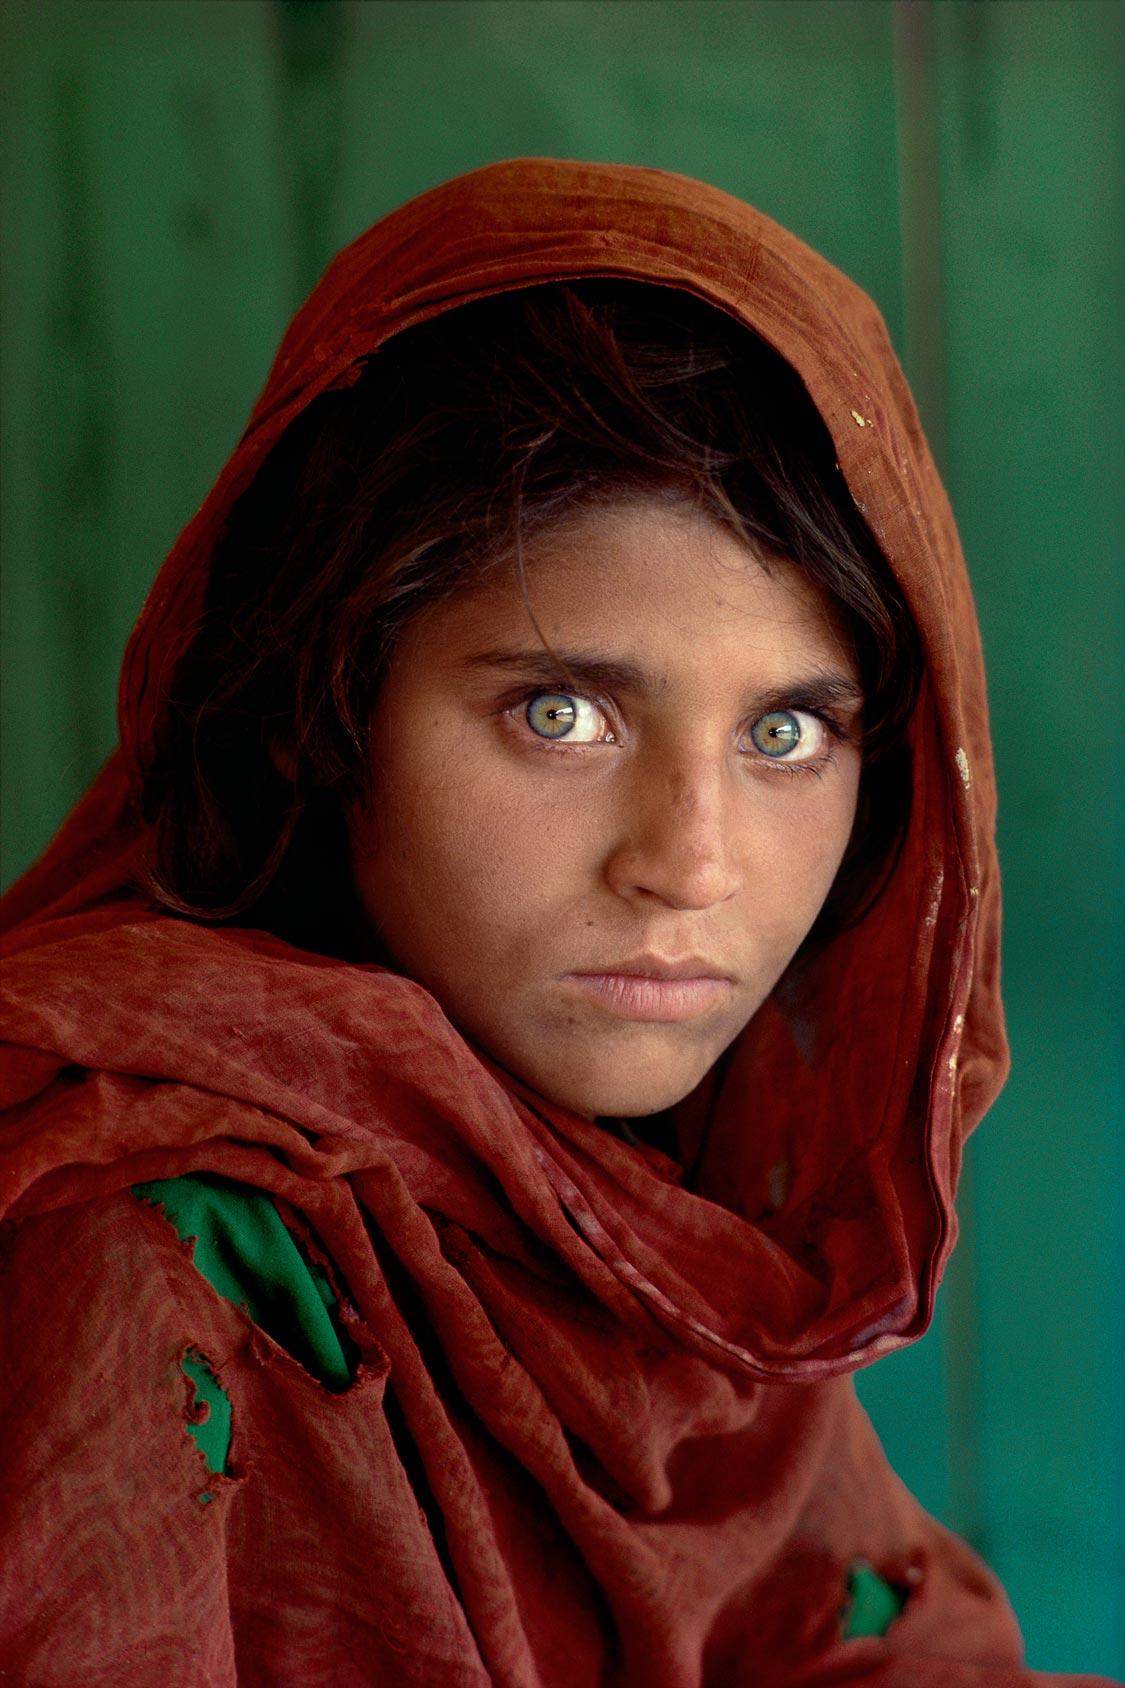 The afghan girl © Steve Mc Curry, 1984